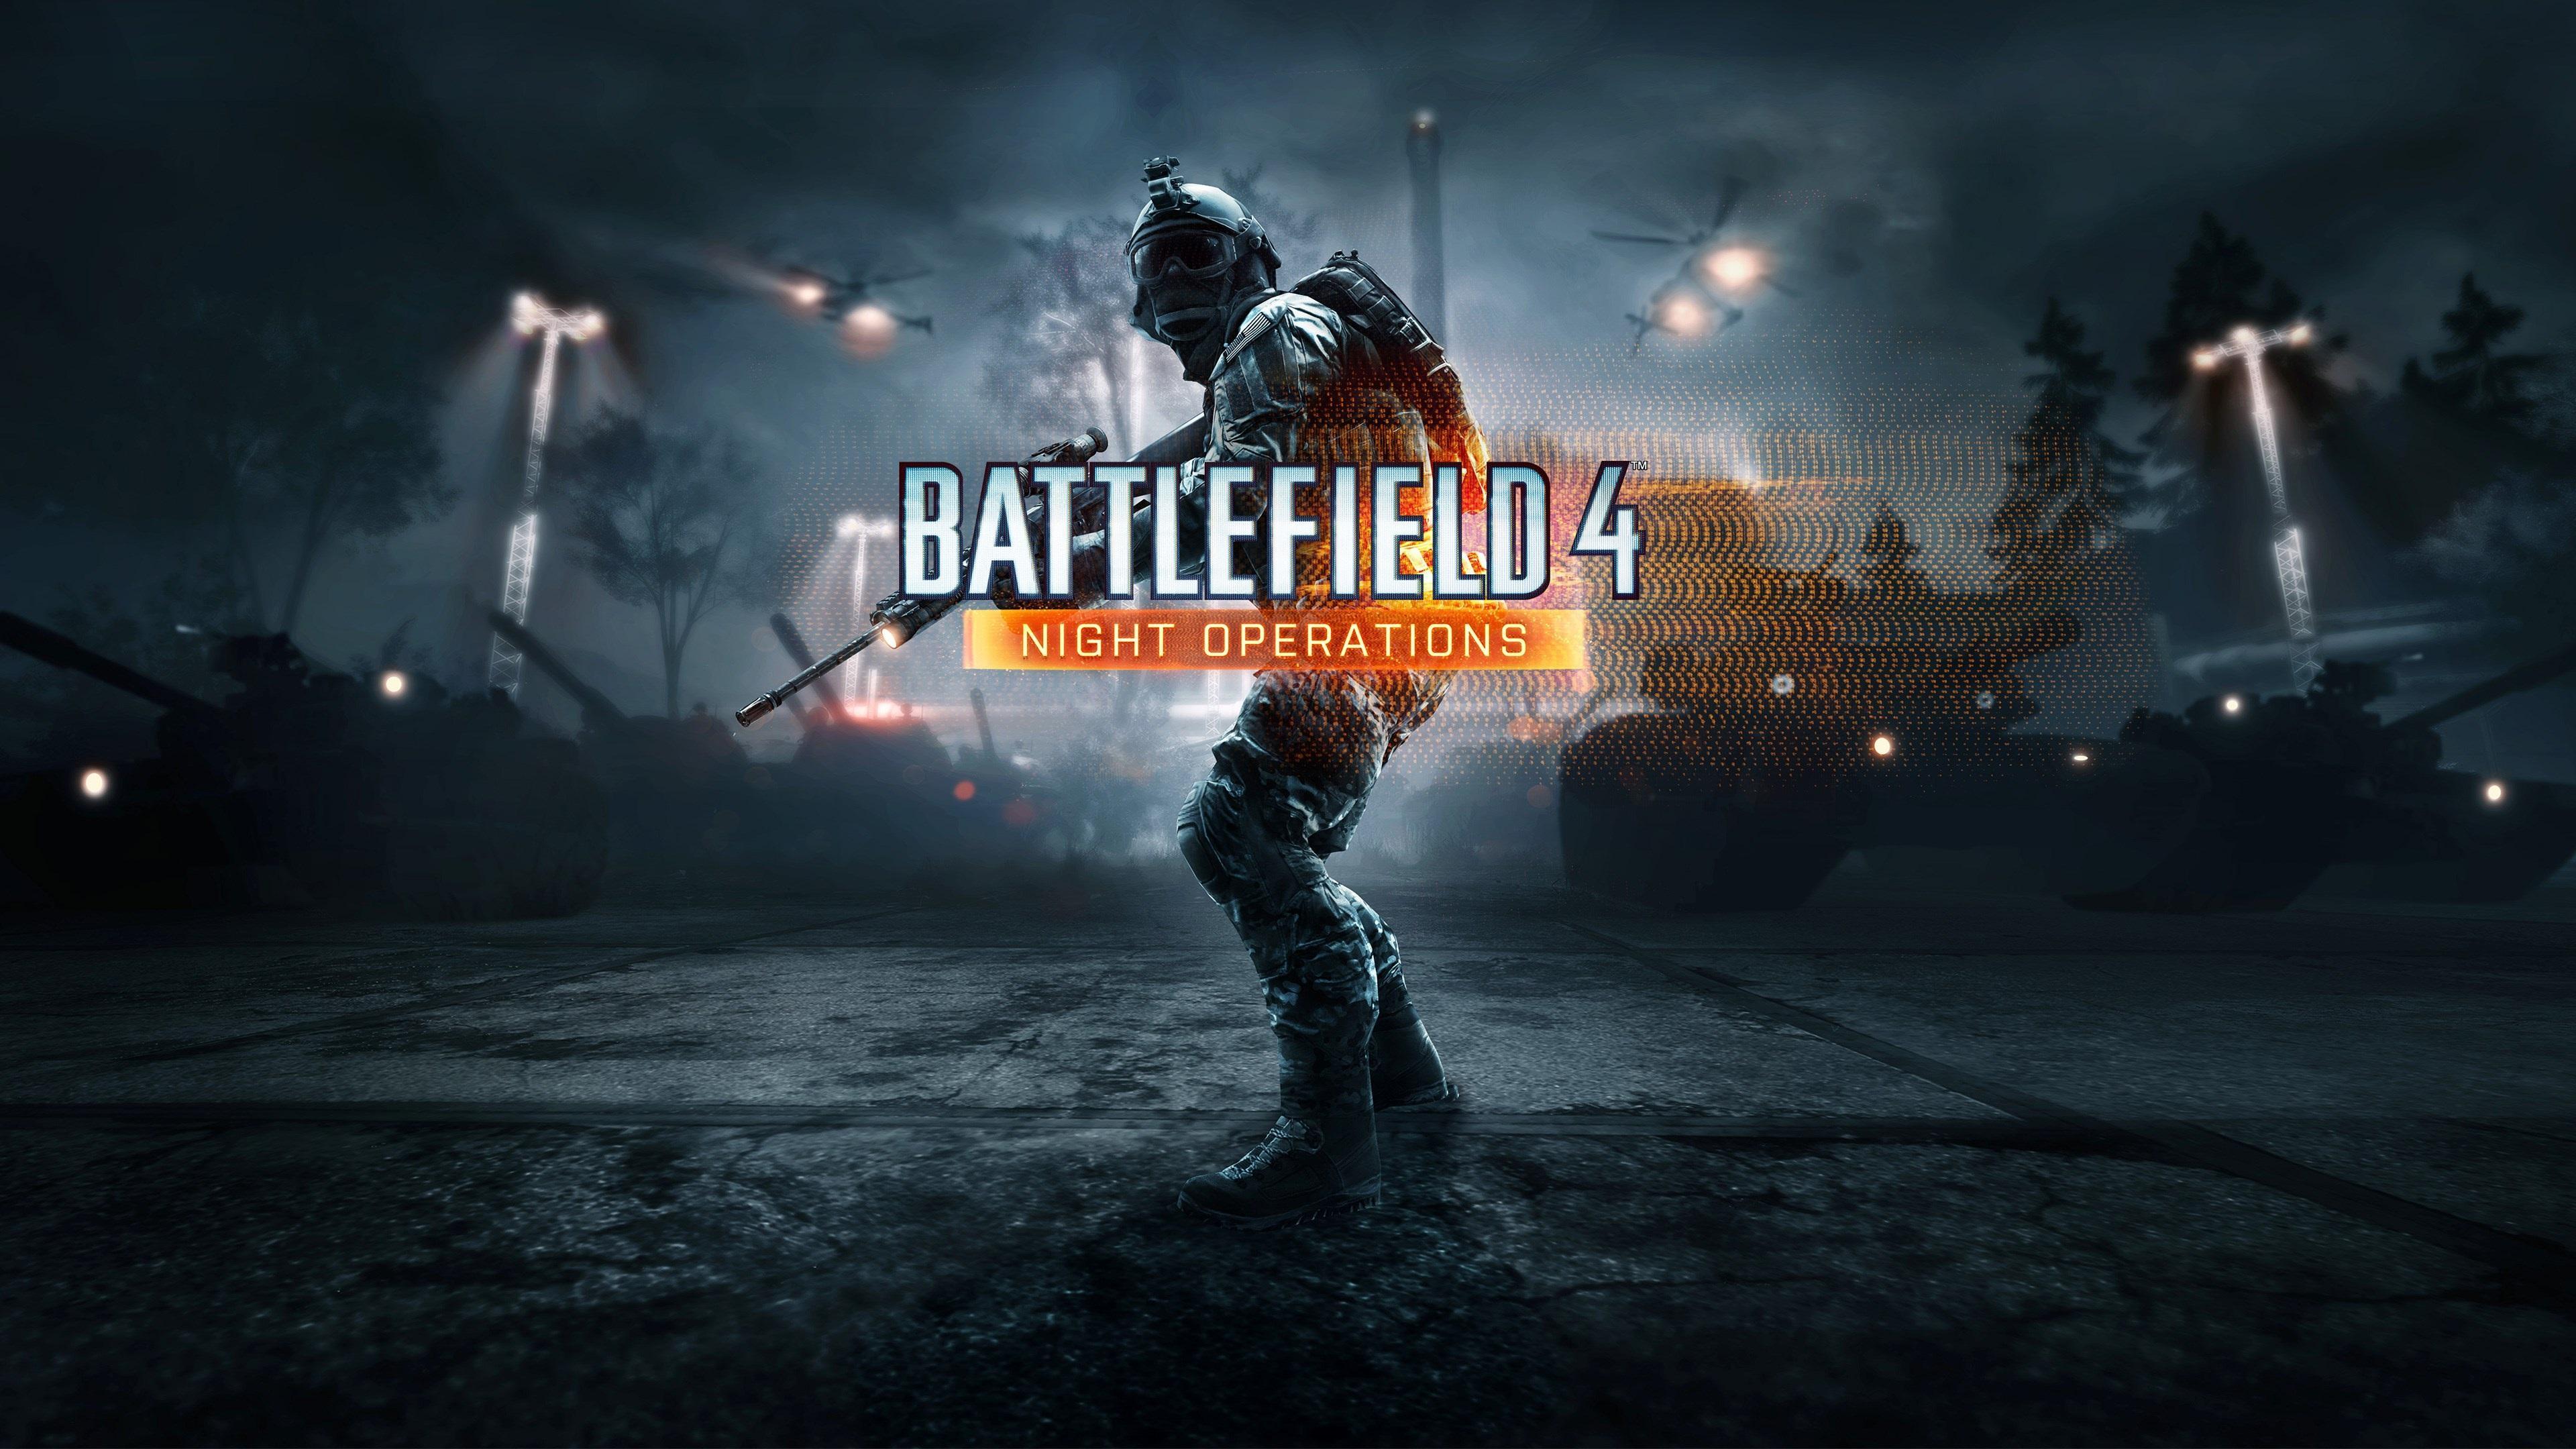 Wallpaper - Battlefield 4 , HD Wallpaper & Backgrounds